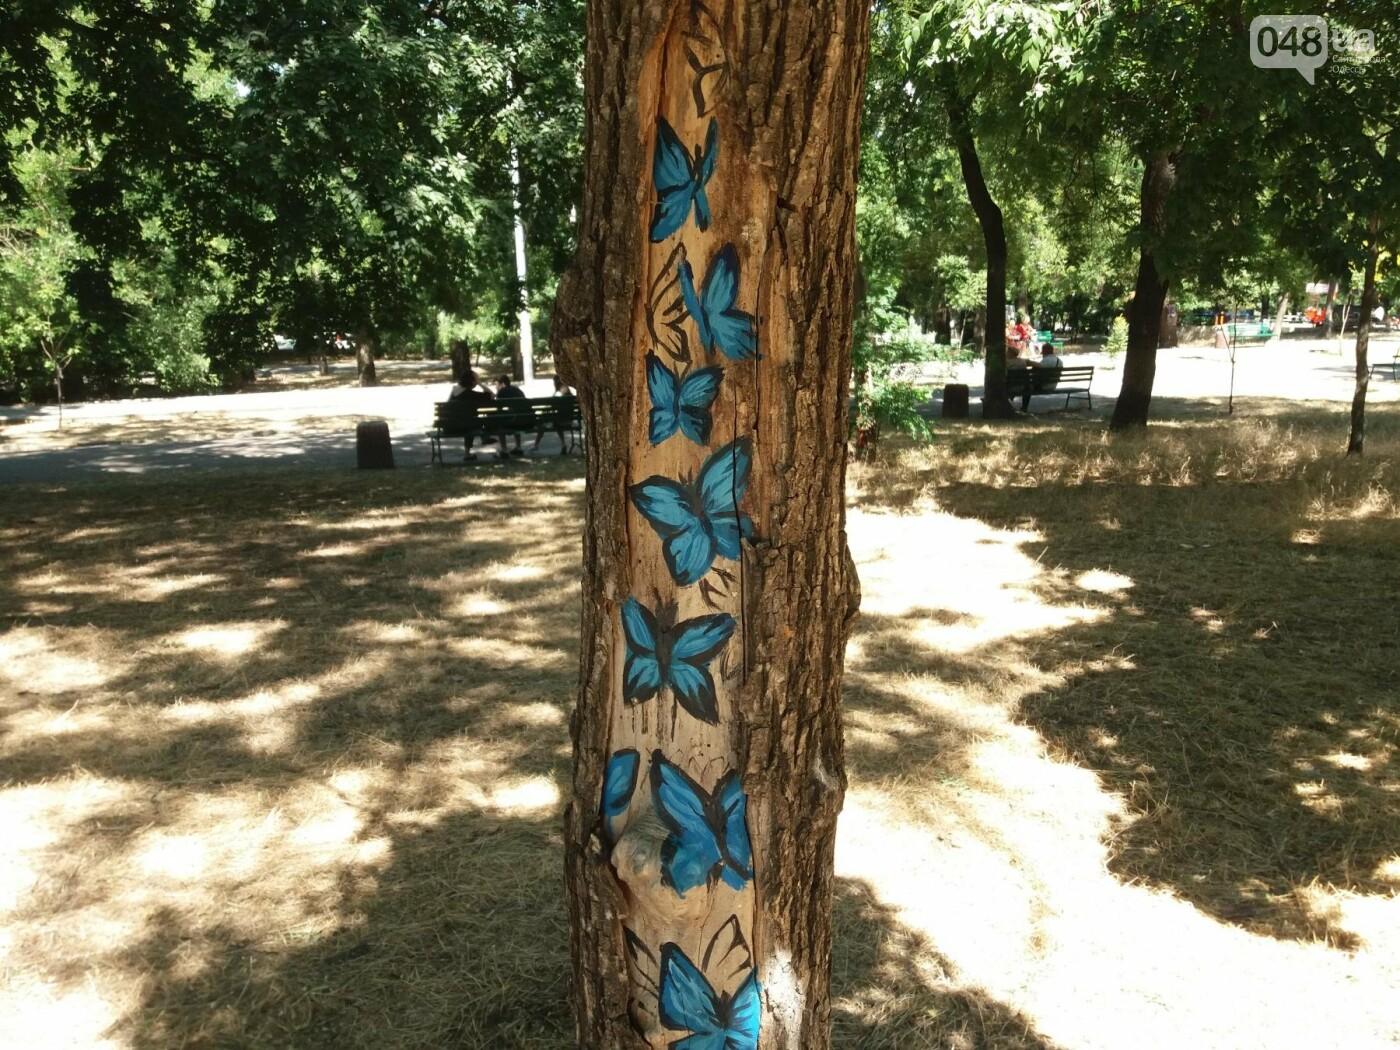 В Одесском парке появились необычные рисунки на деревьях, - ФОТО, фото-4